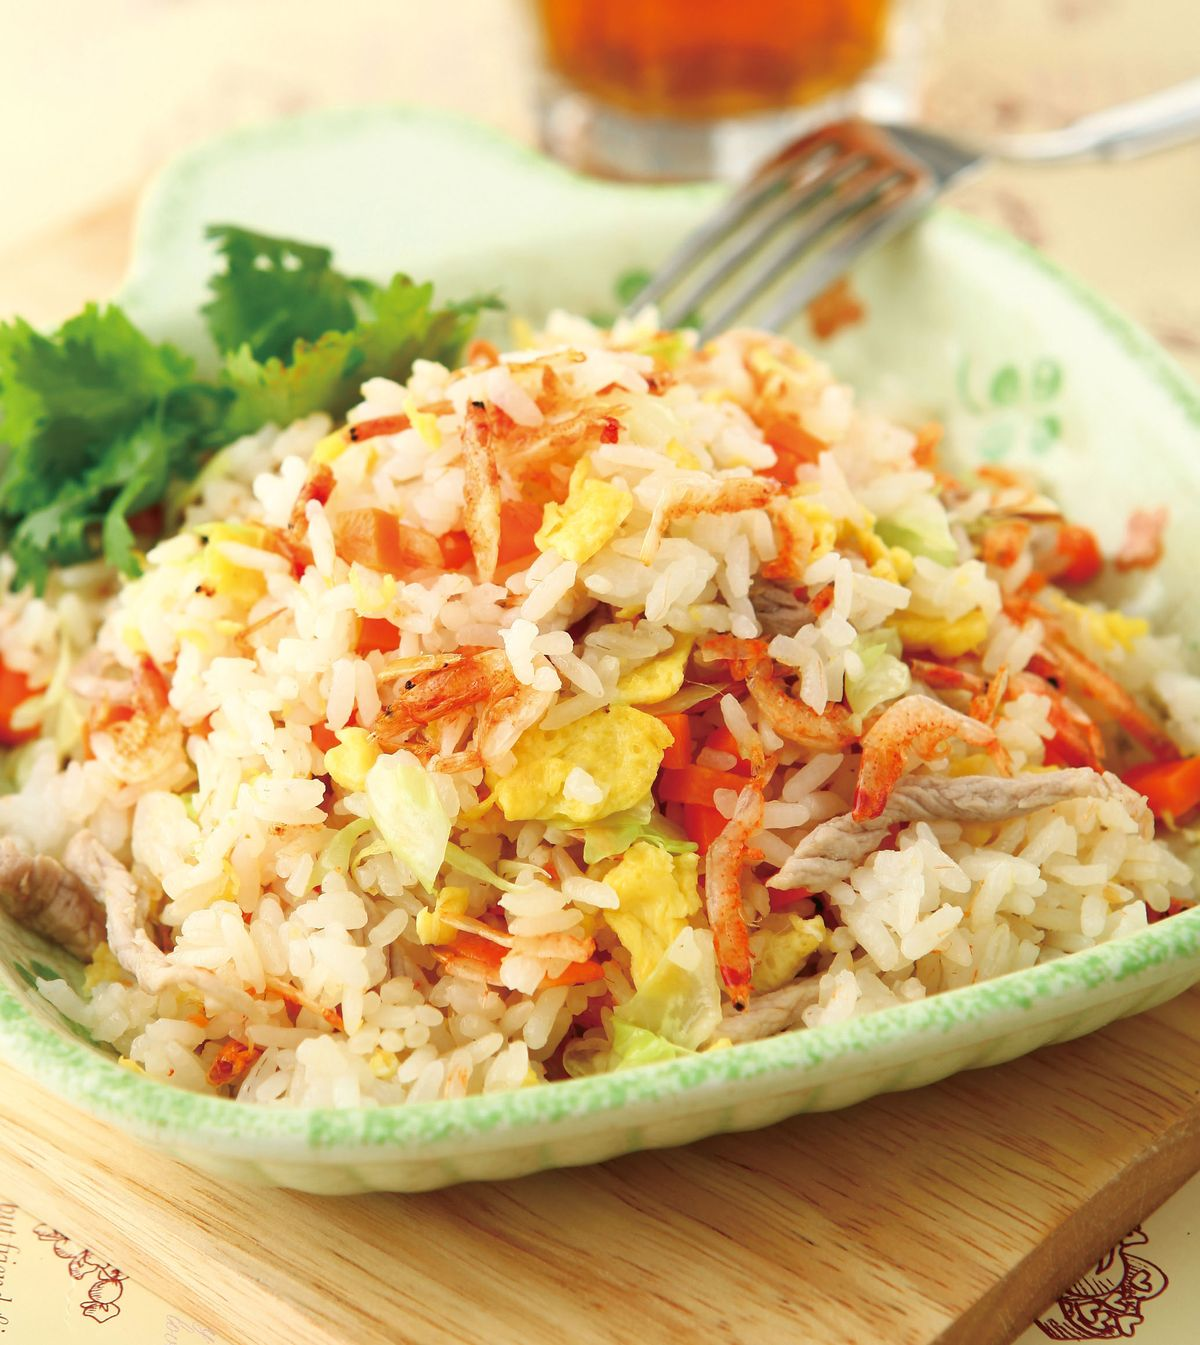 食譜:櫻花蝦肉絲炒飯